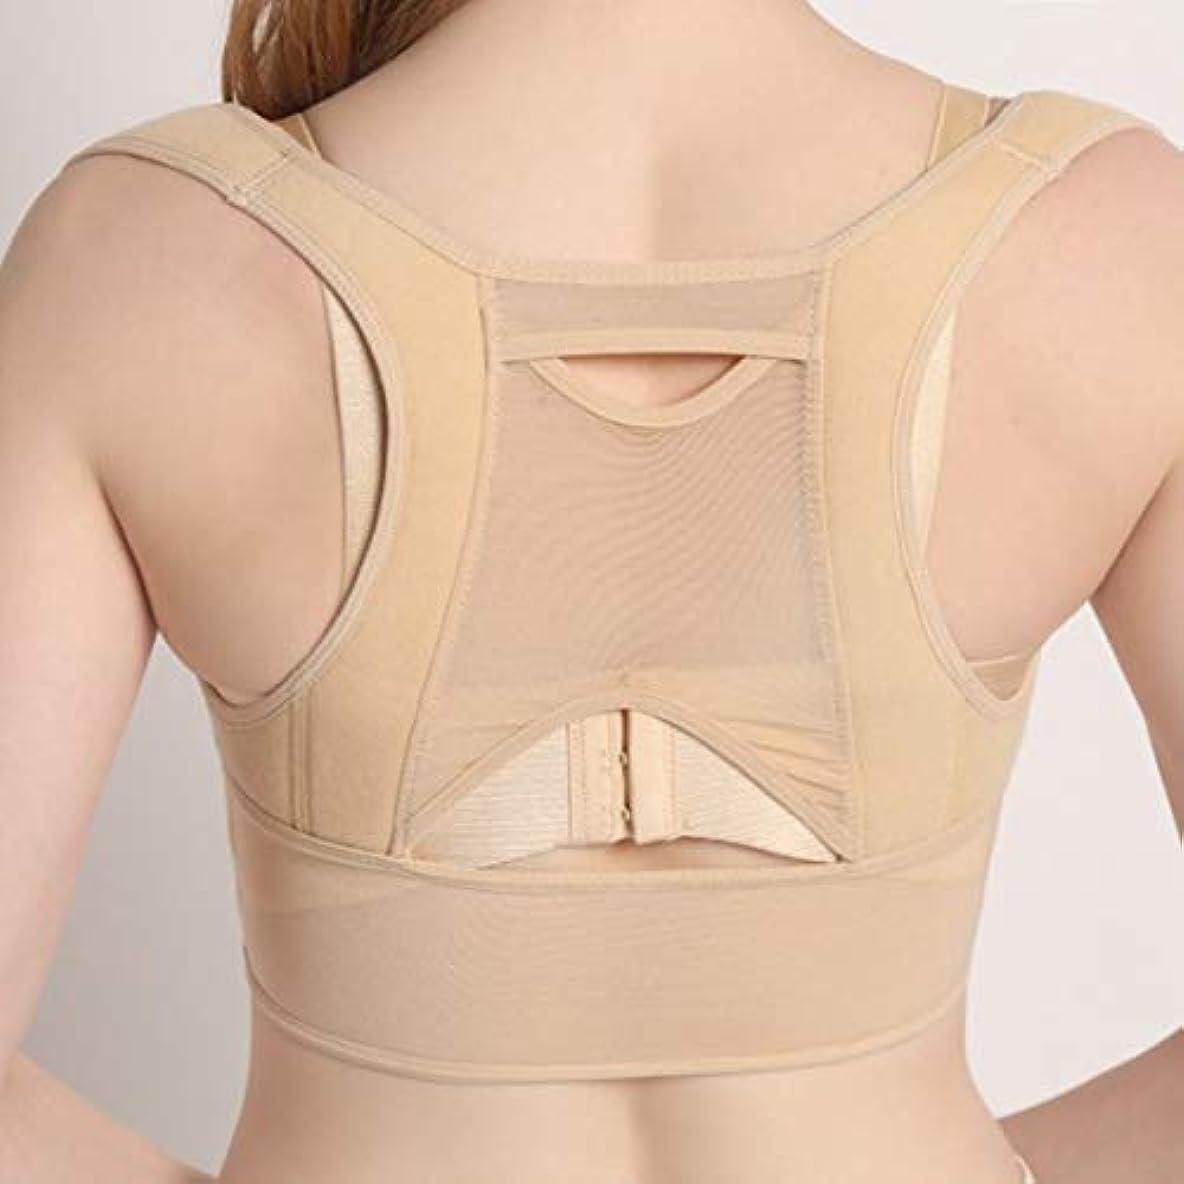 伝染性のバス駅通気性のある女性の背中の姿勢矯正コルセット整形外科の背中の肩の背骨の姿勢矯正腰椎サポート - ベージュホワイトL